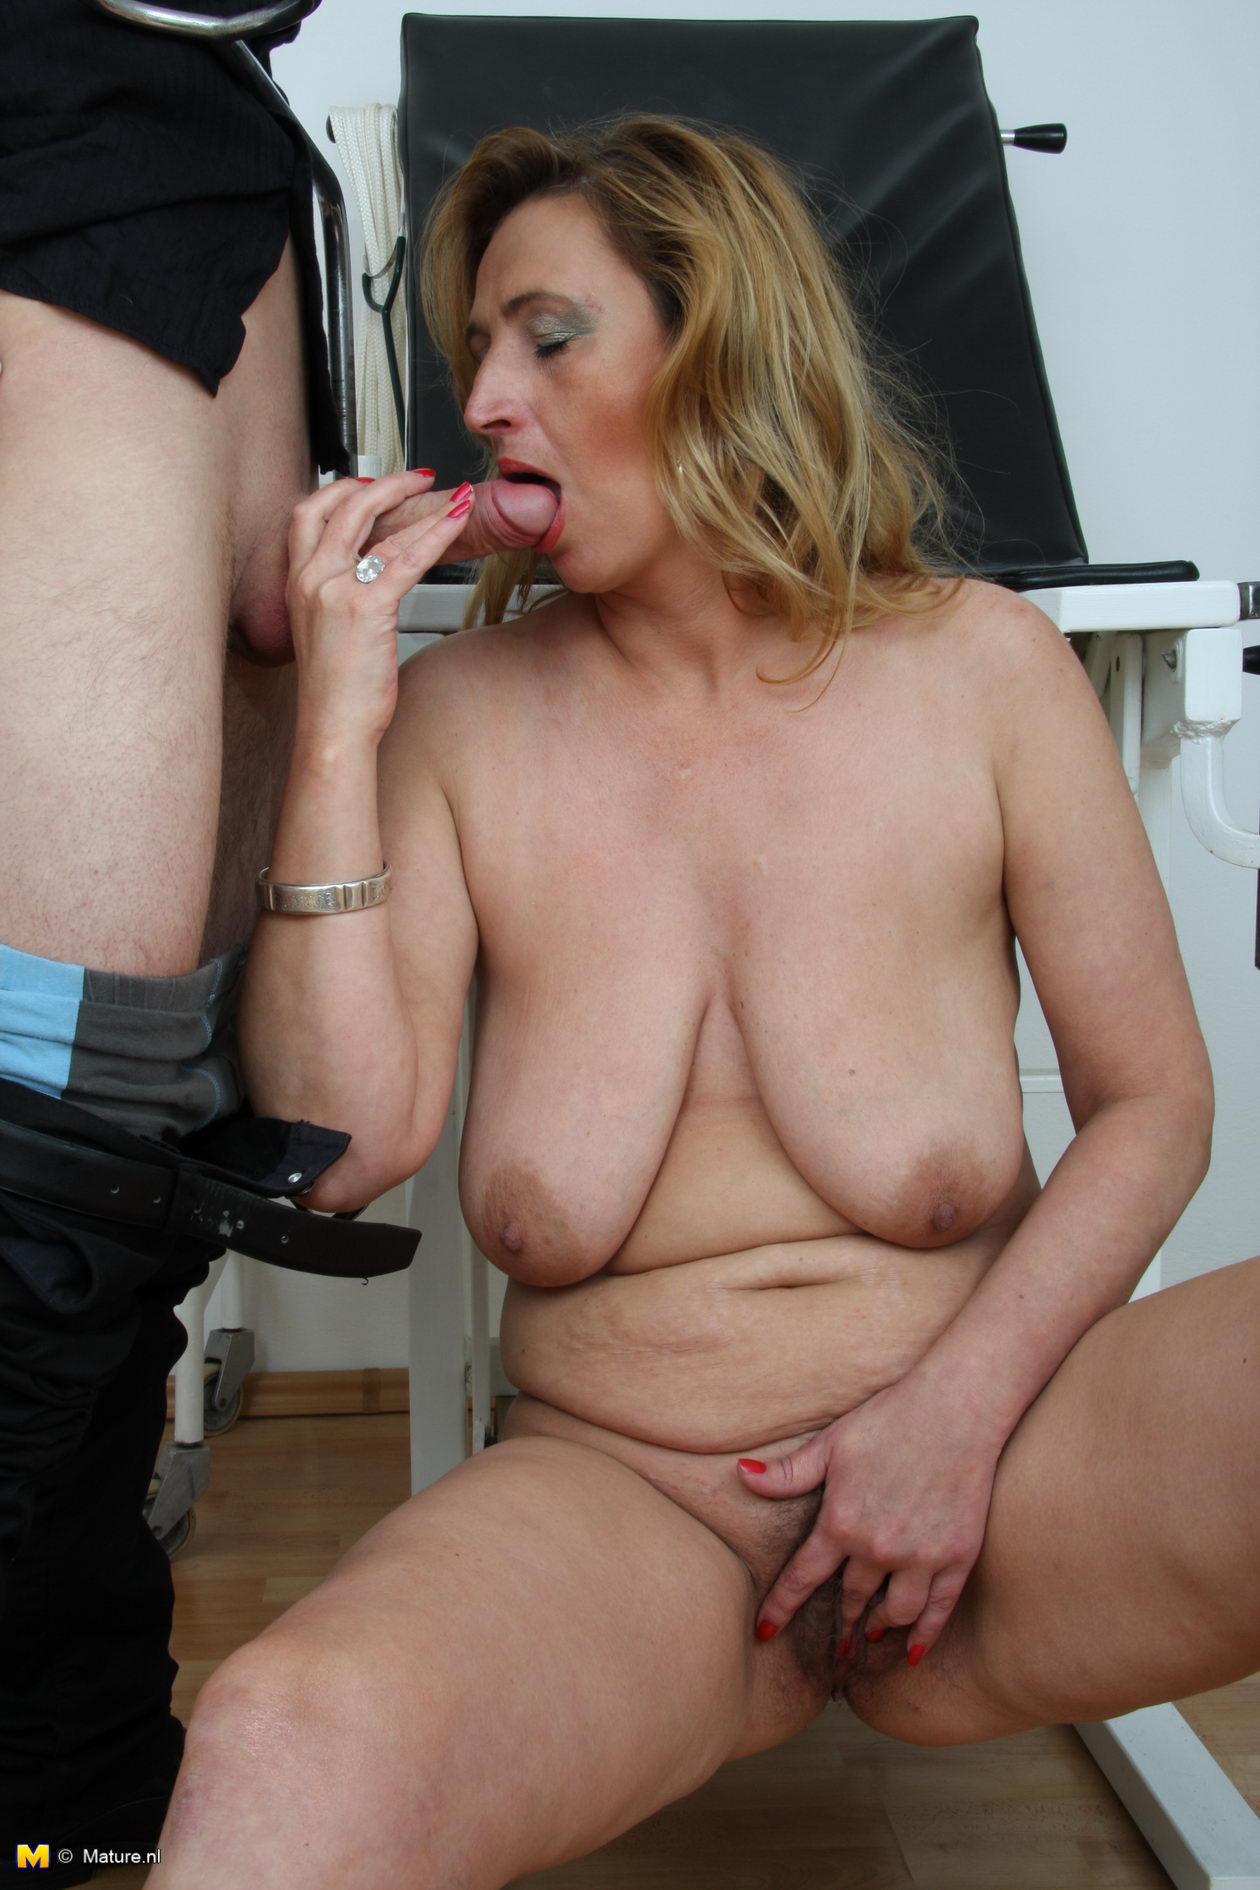 Horny amateur mature slut